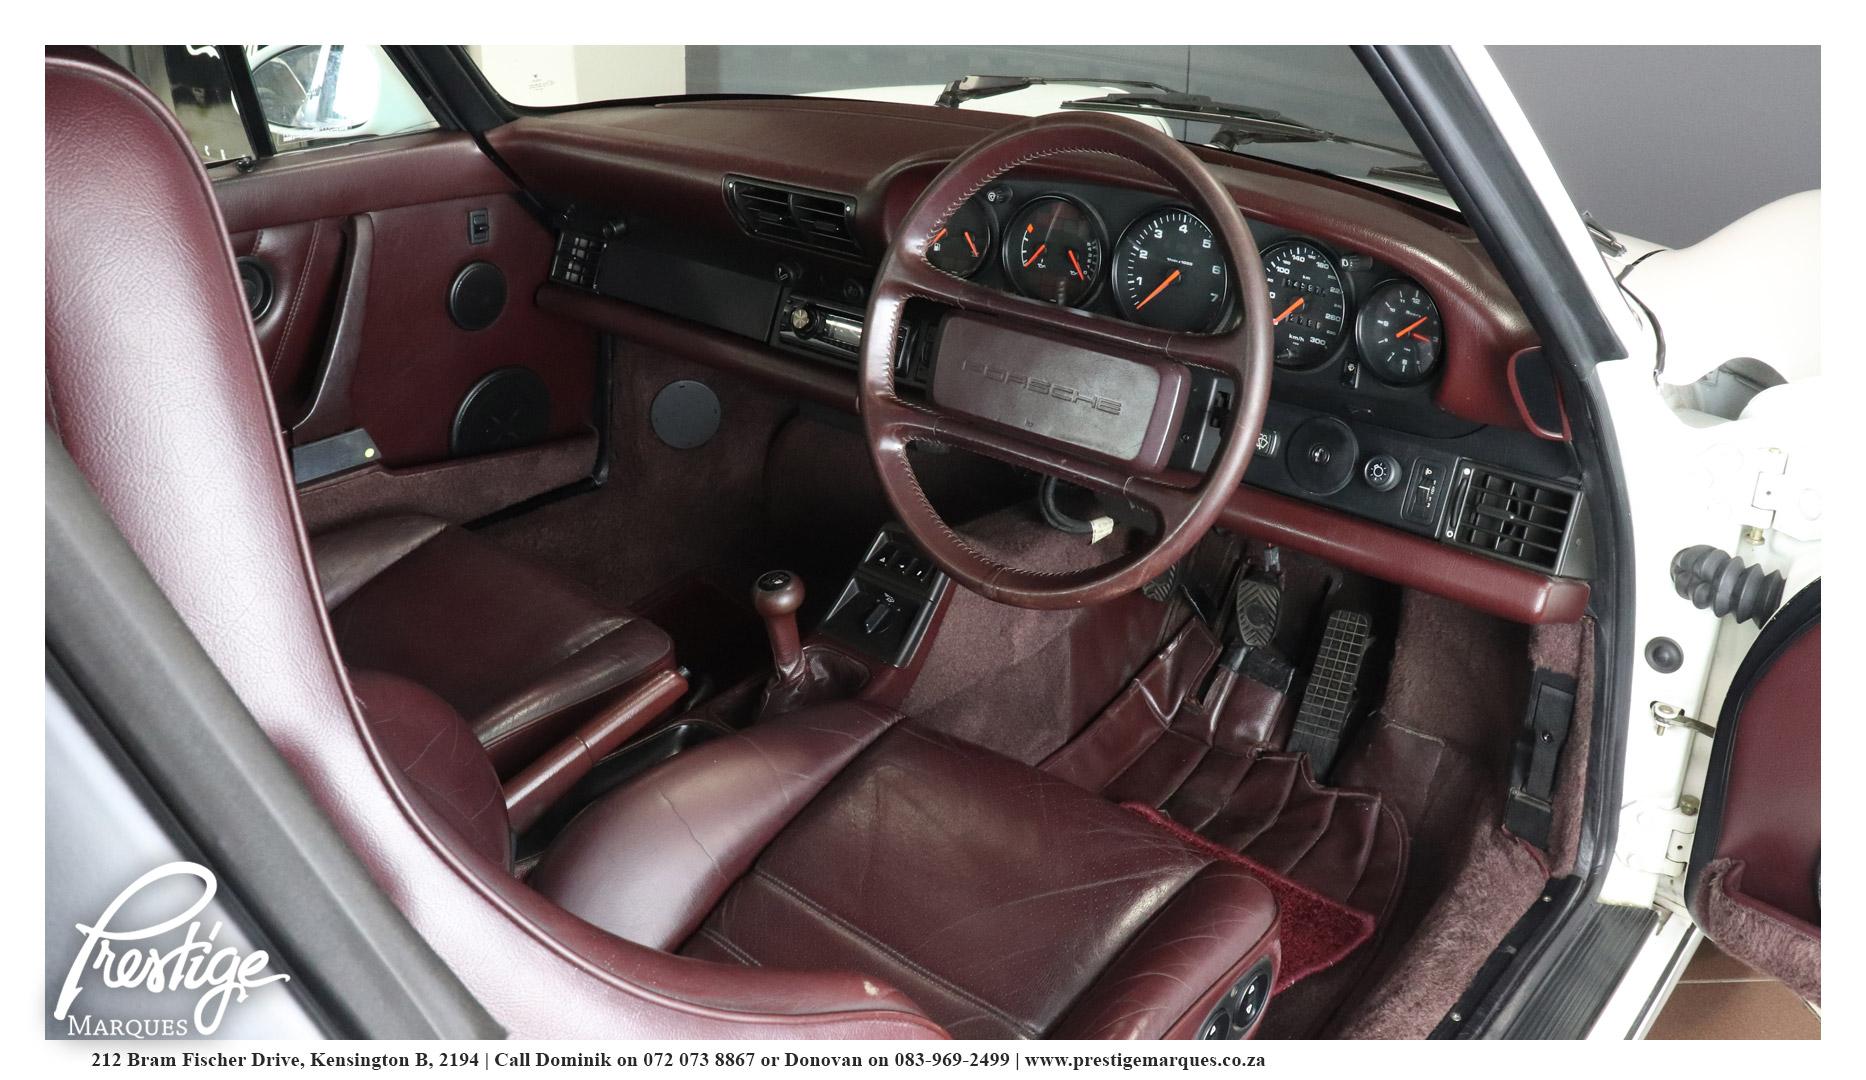 Prestige-Marques-1990-Porsche-964-Carrera 2-Manual-13